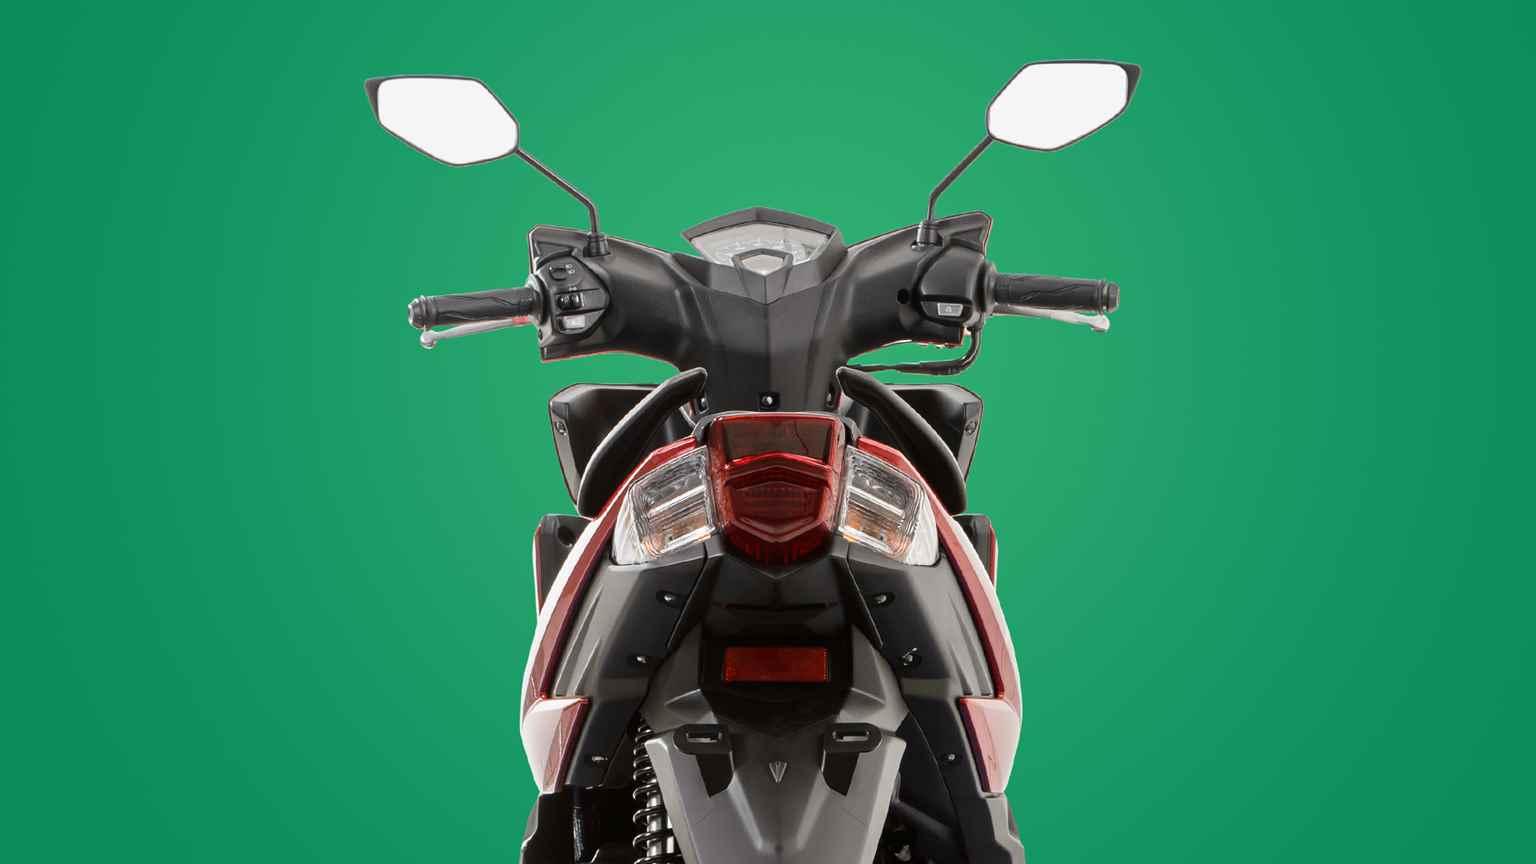 Nova Yamaha 125 2016